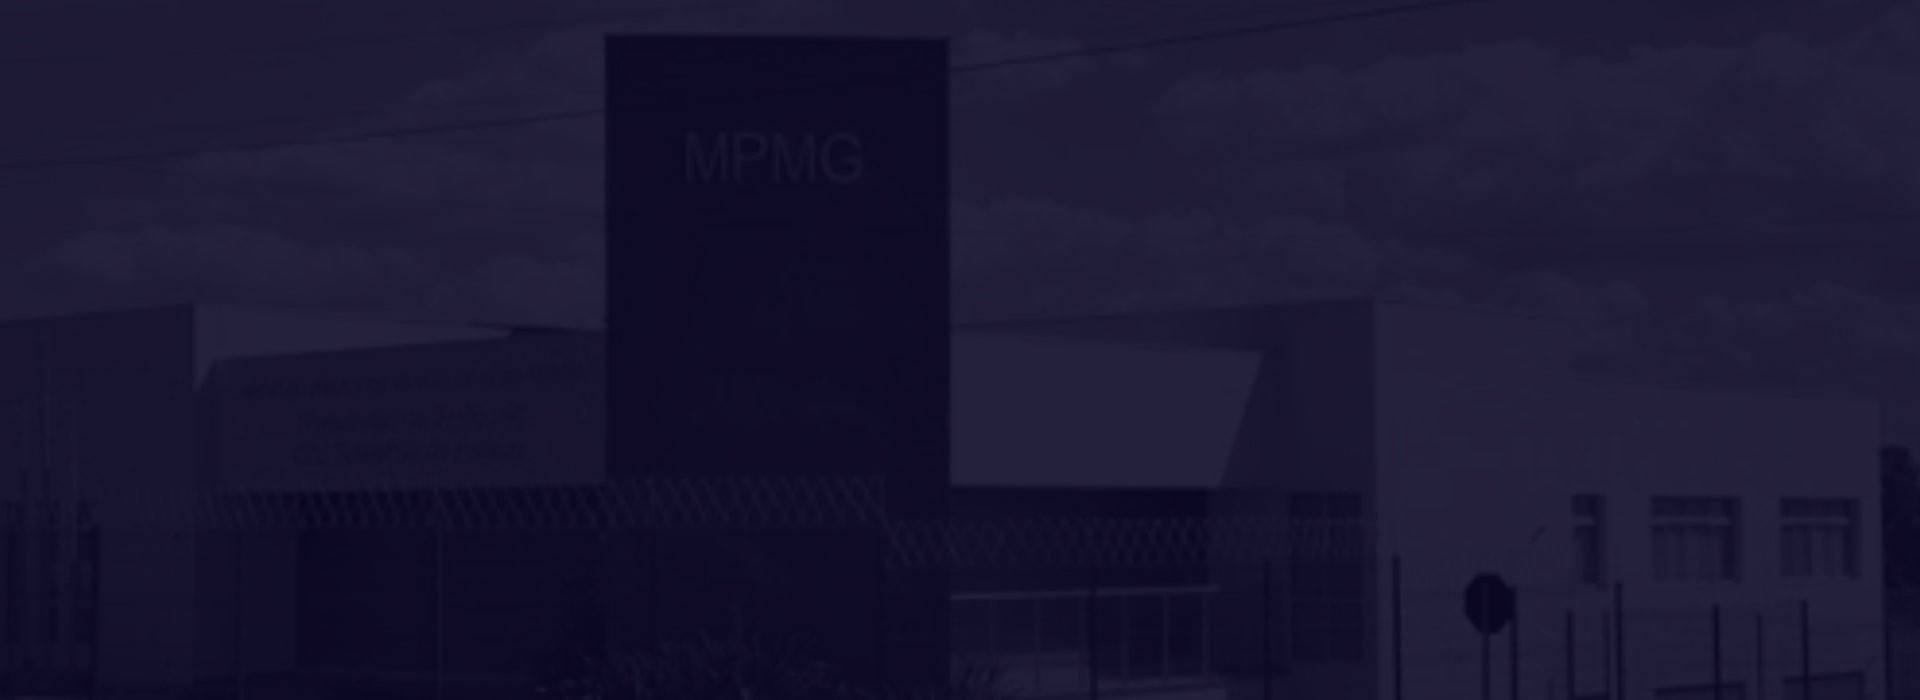 CEI-MPMG